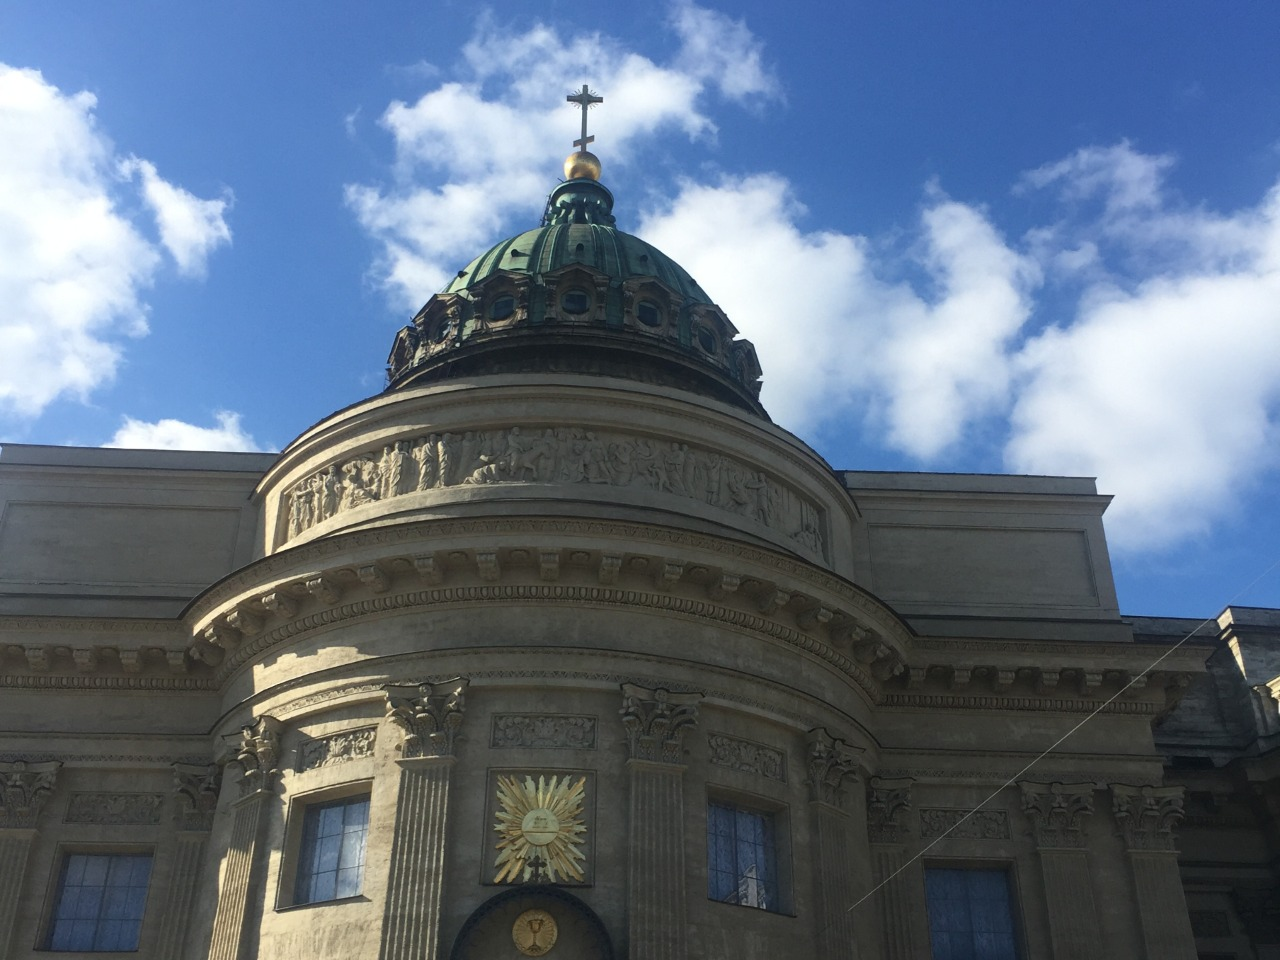 Казанский кафедральный собор  - индивидуальная экскурсия по Санкт-Петербургу от опытного гида